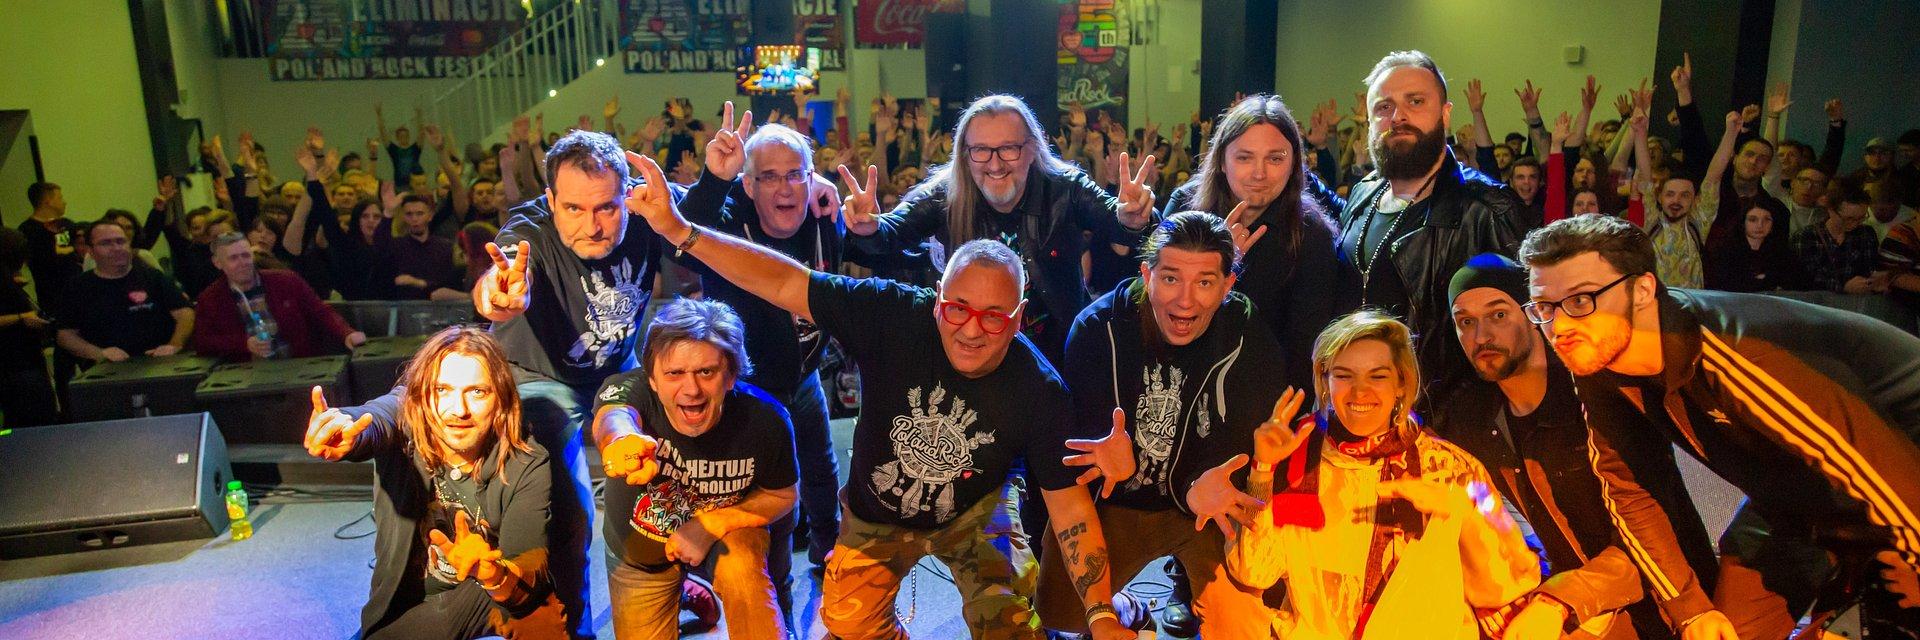 Poznaliśmy pierwszych finalistów Eliminacji do 25. Pol'and'Rock Festival!